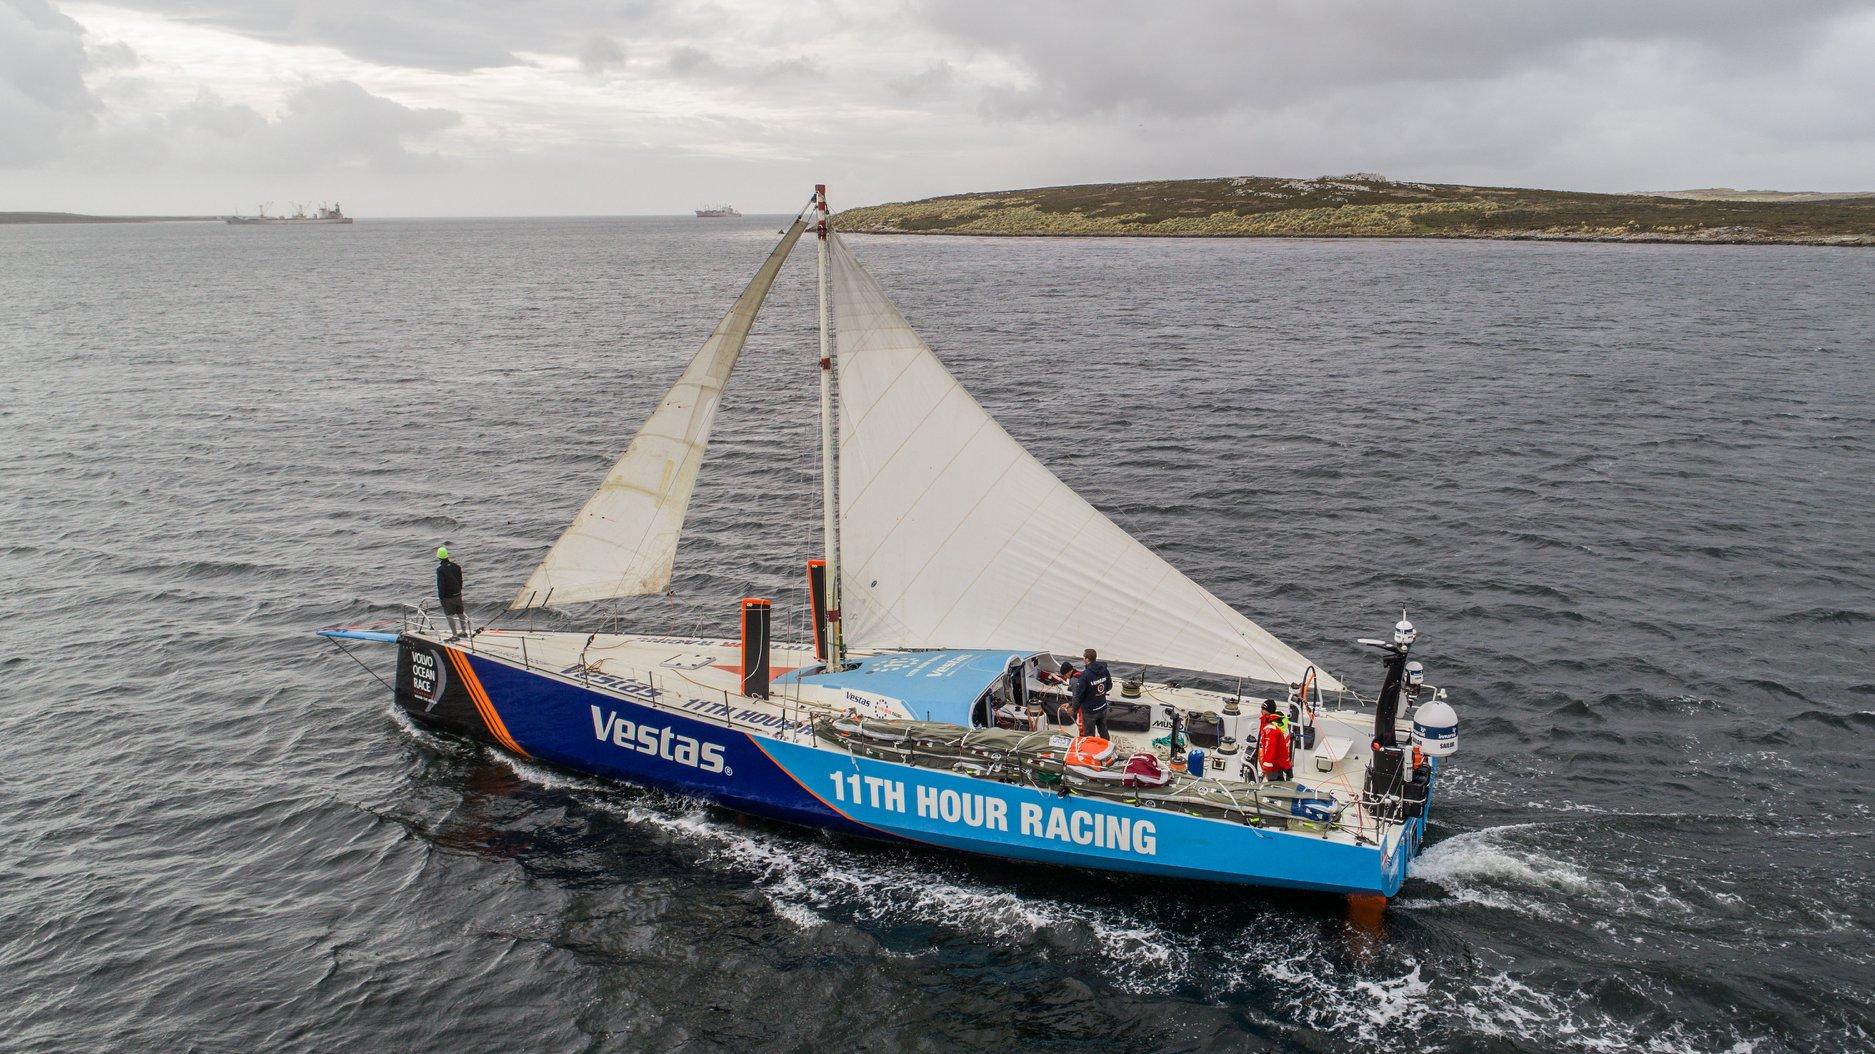 Så lav er masten på Vestas 11th Hour Racing nu her ved Falklandsøerne. Foto: Jeremie Lecaudey / Volvo Ocean Race